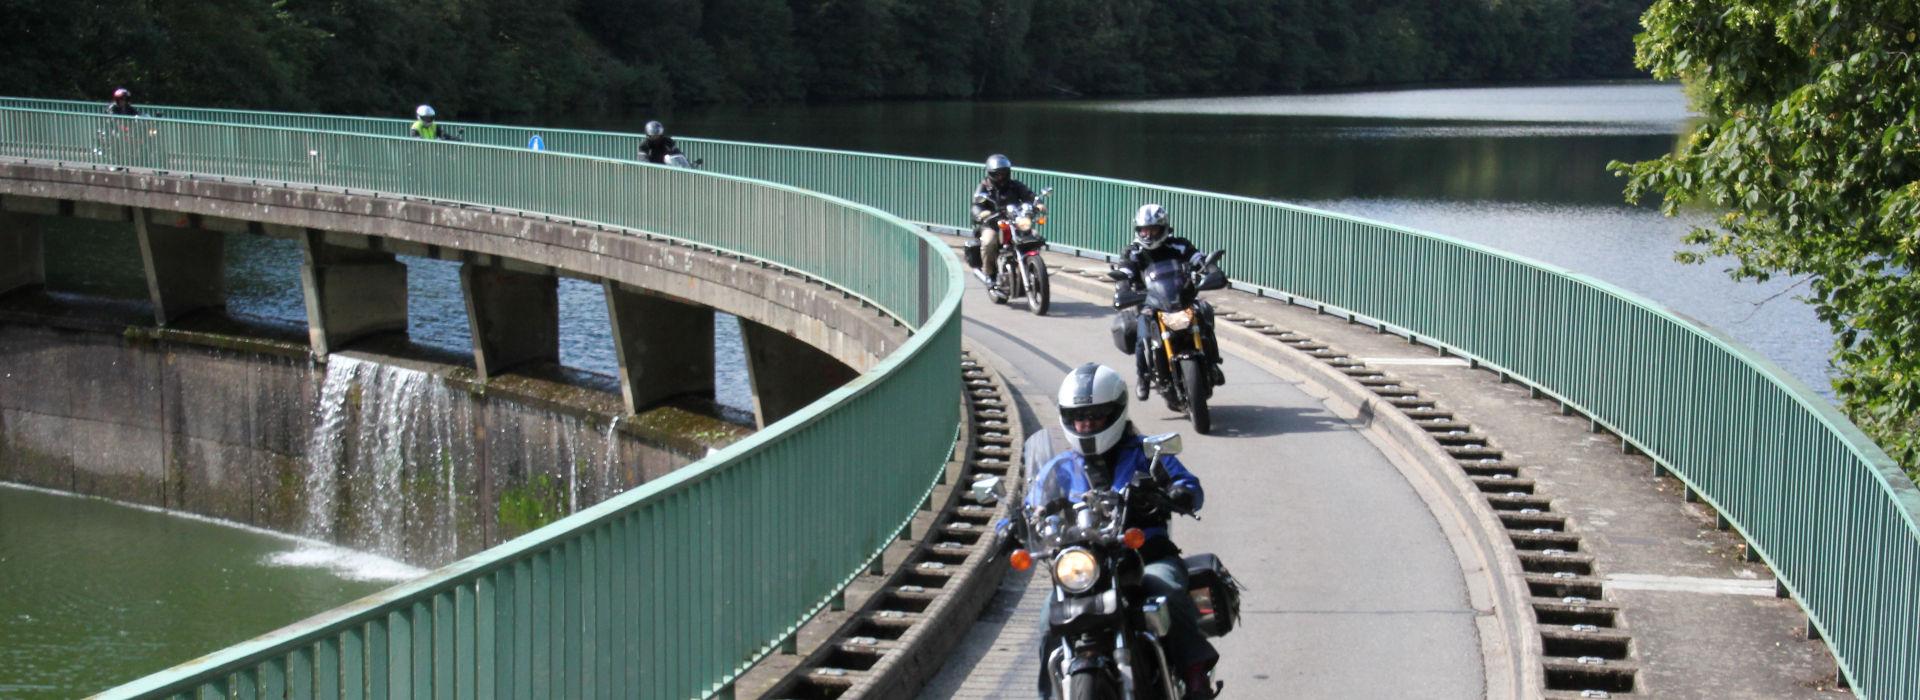 Motorrijbewijspoint Nieuwerkerk aan den IJssel spoed motorrijbewijs